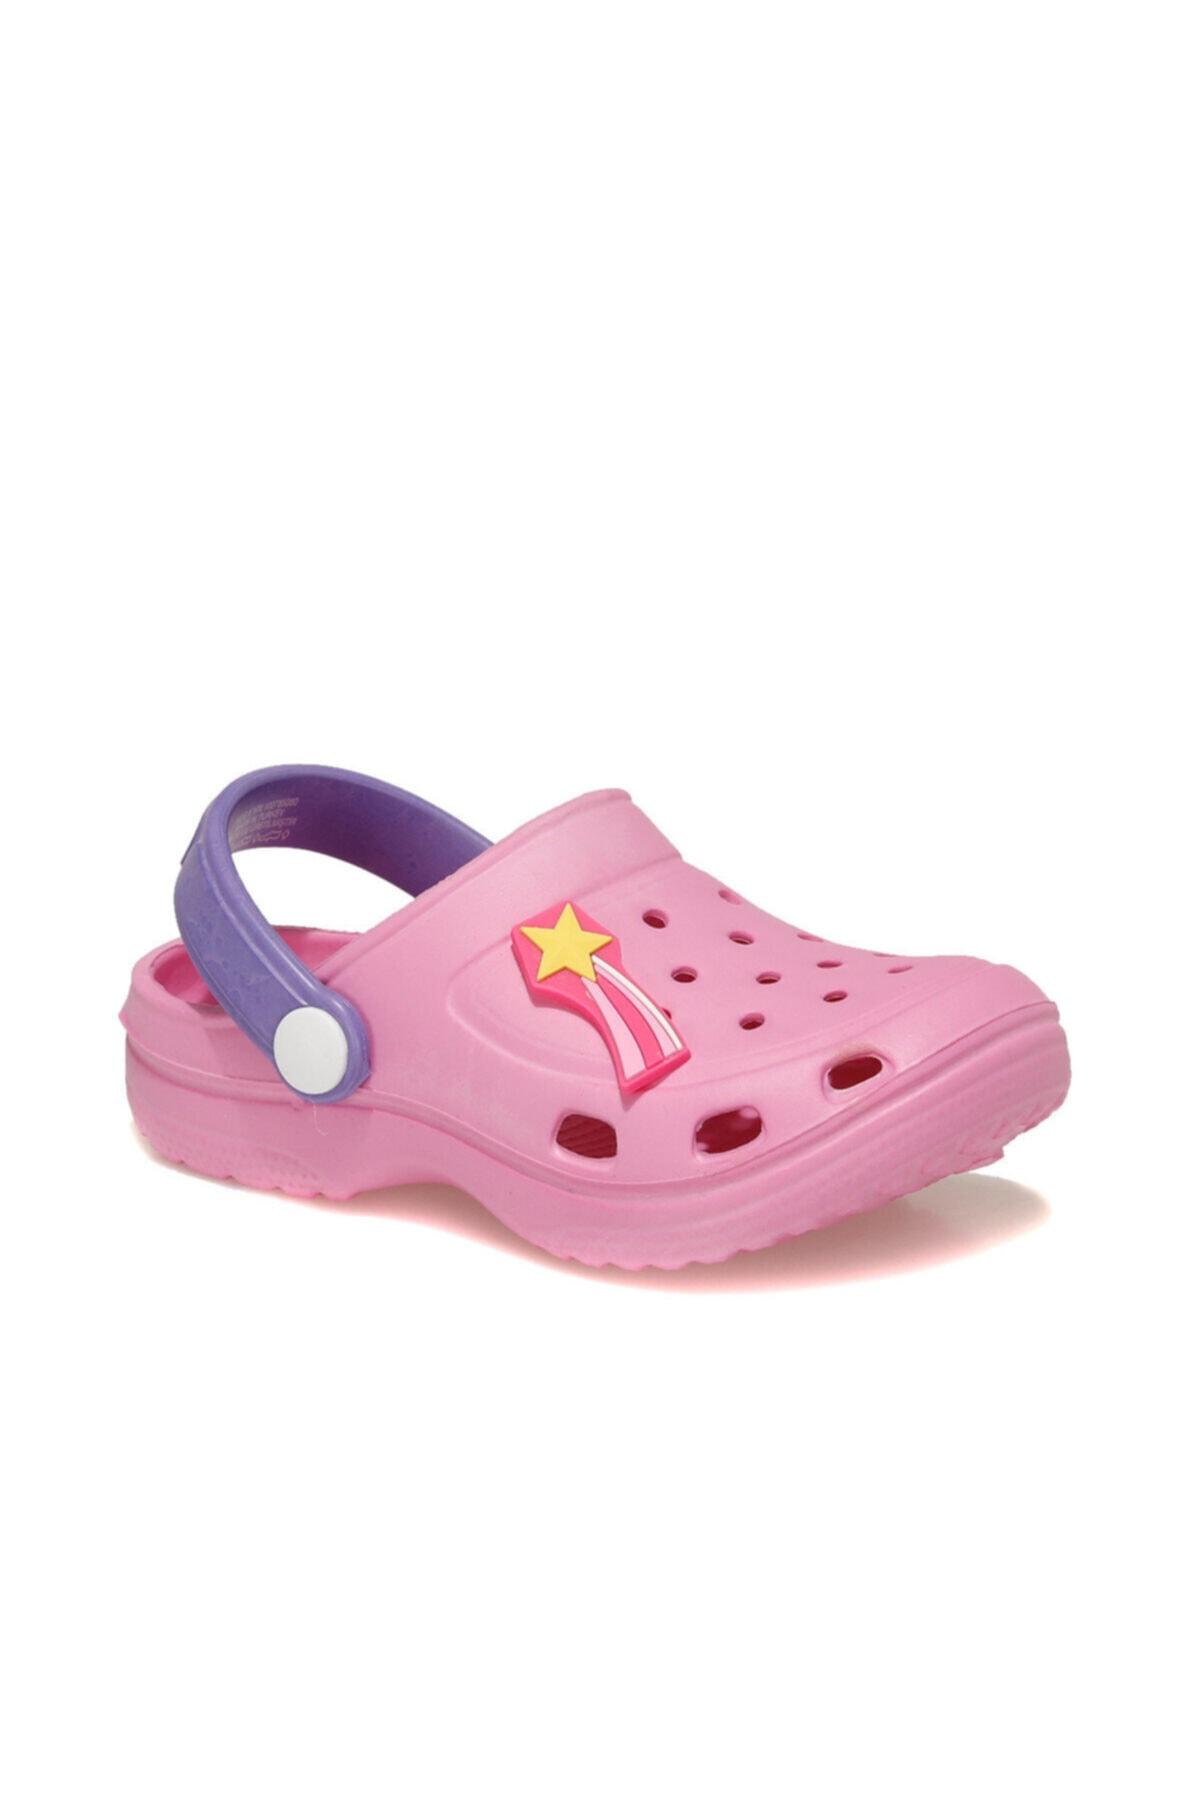 FROG X 1FX Pembe Kız Çocuk Deniz Ayakkabısı 100785080